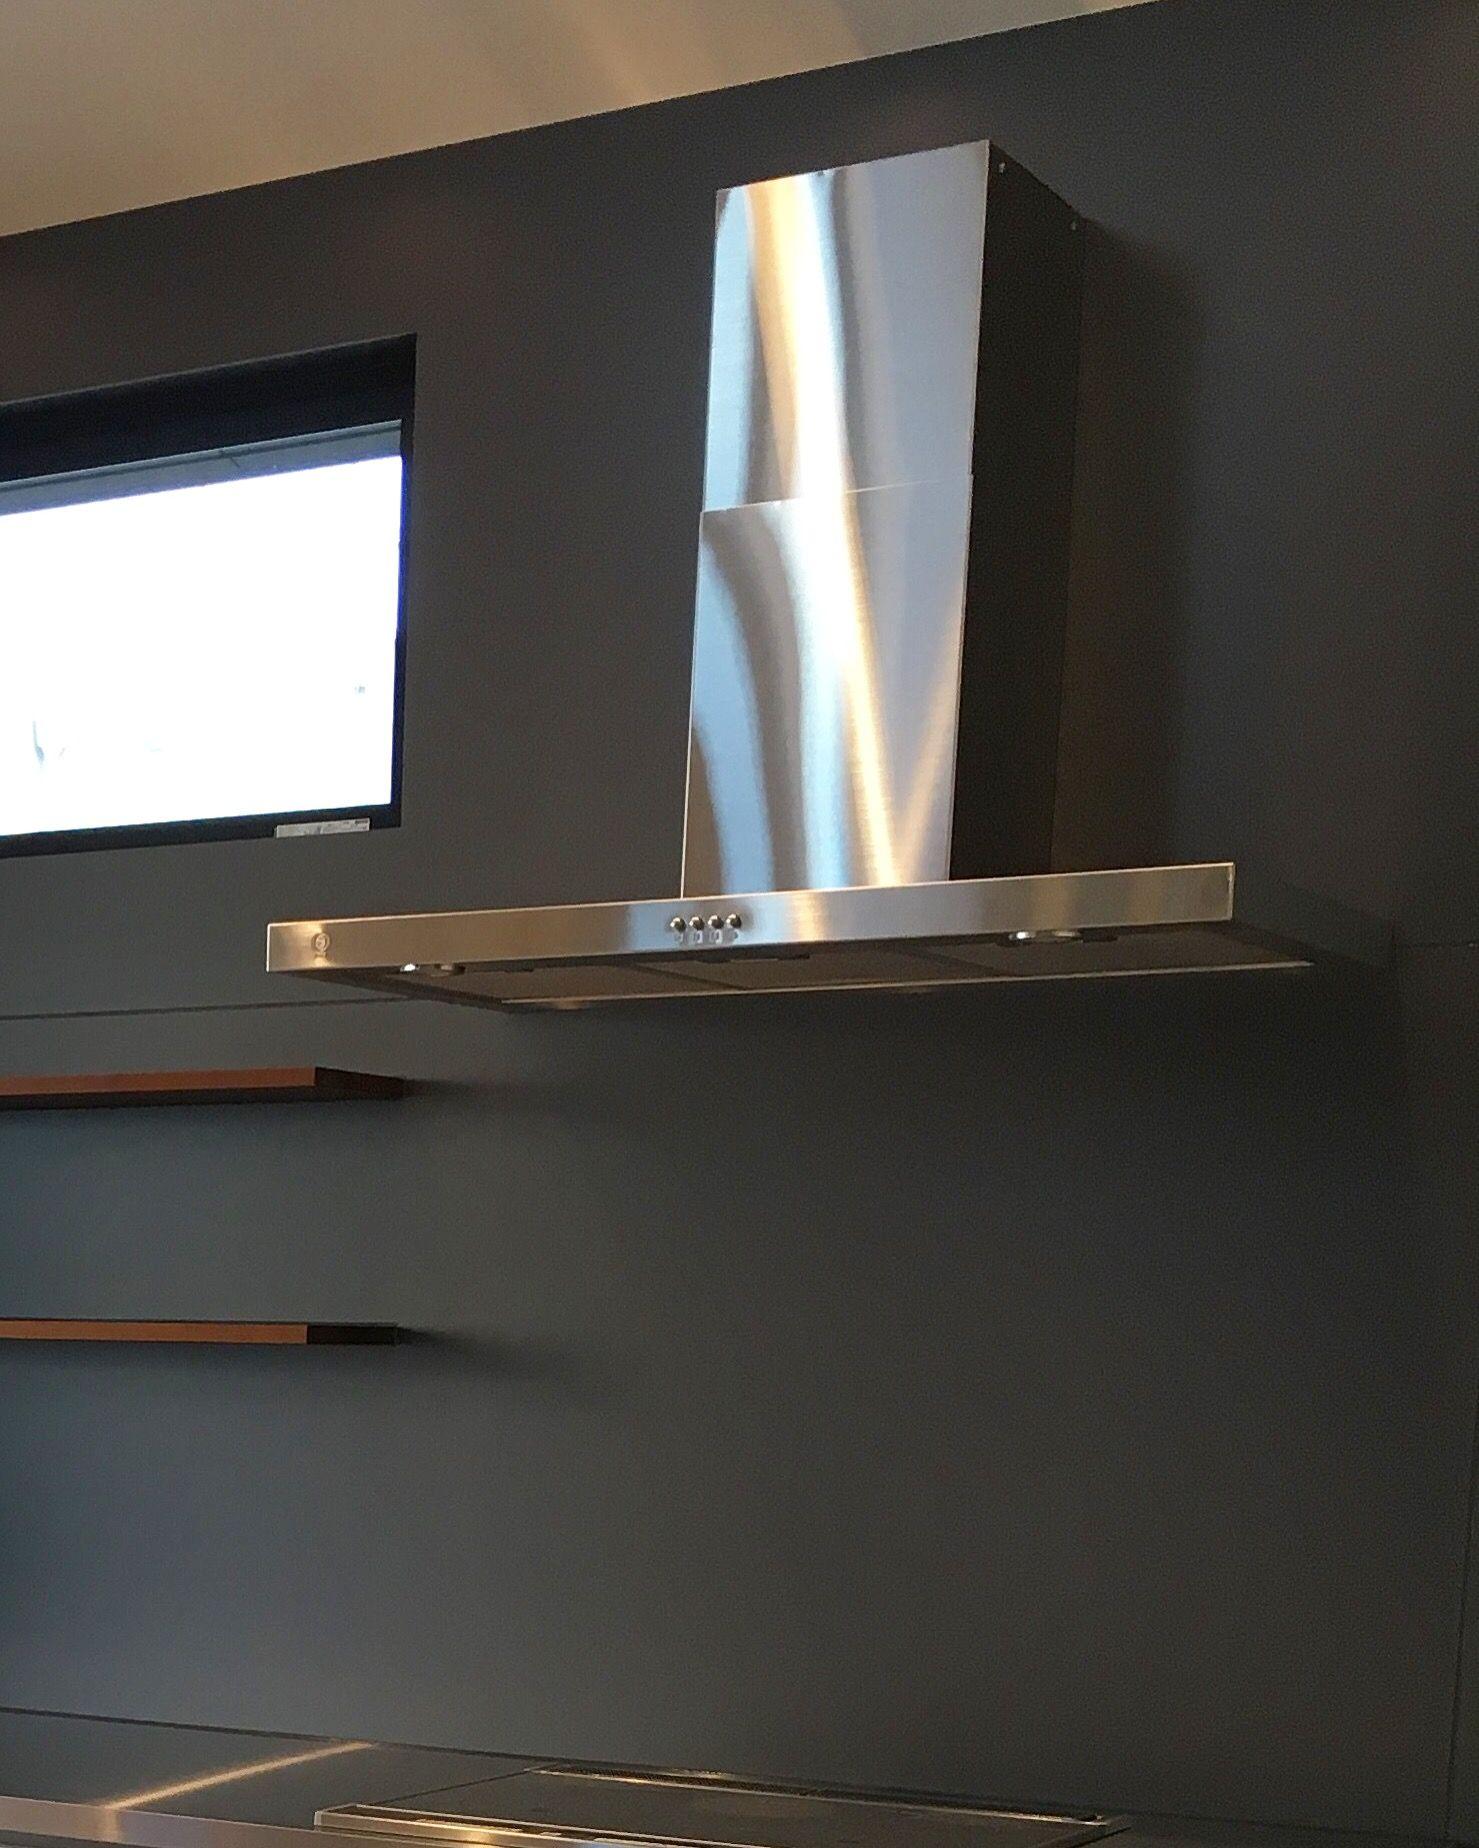 定価 113 400 税込 Hm 90s 弊社で販売してる壁付けタイプのレンジ